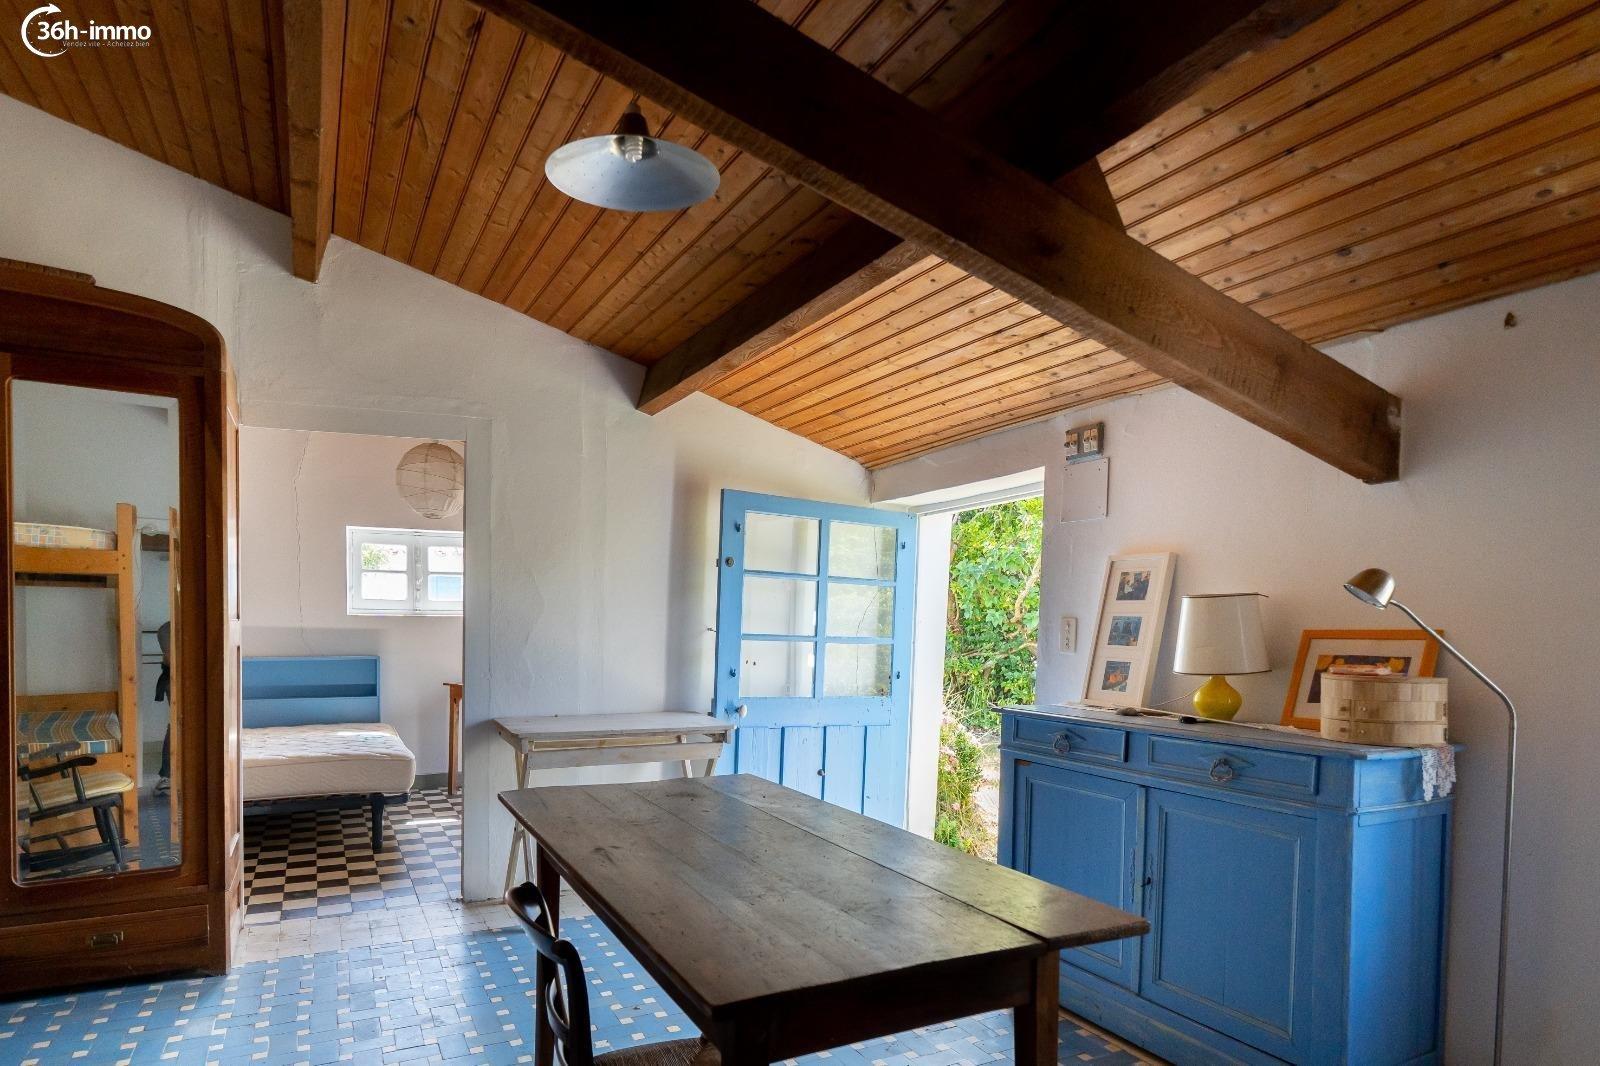 Maison Notre-Dame-de-Monts 85690 Vendee 90 m<sup>2</sup> 4 pi&eagrave;ces 176400 euros